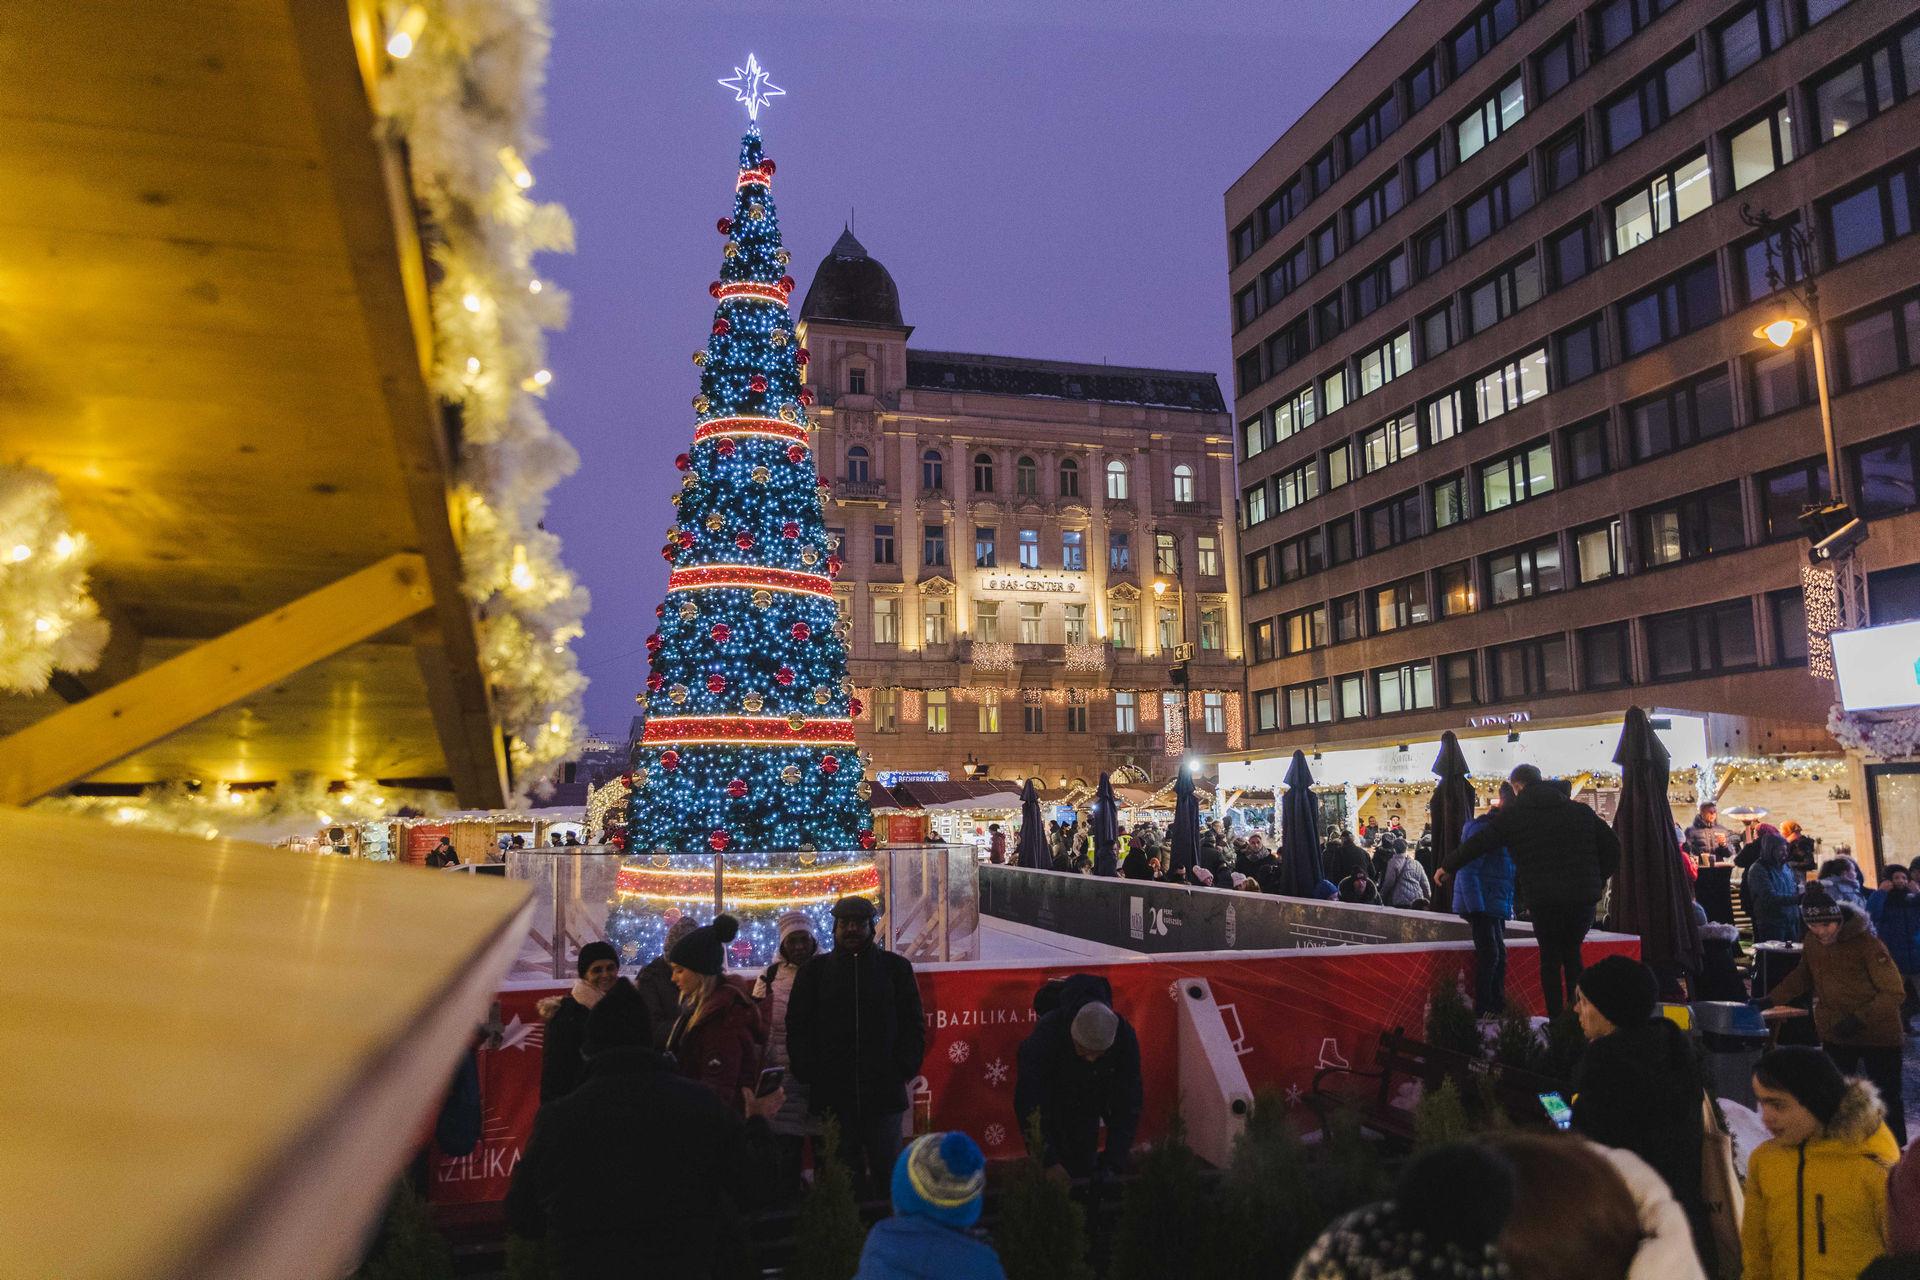 Az egész teret átjárja a karácsonyi hangulat